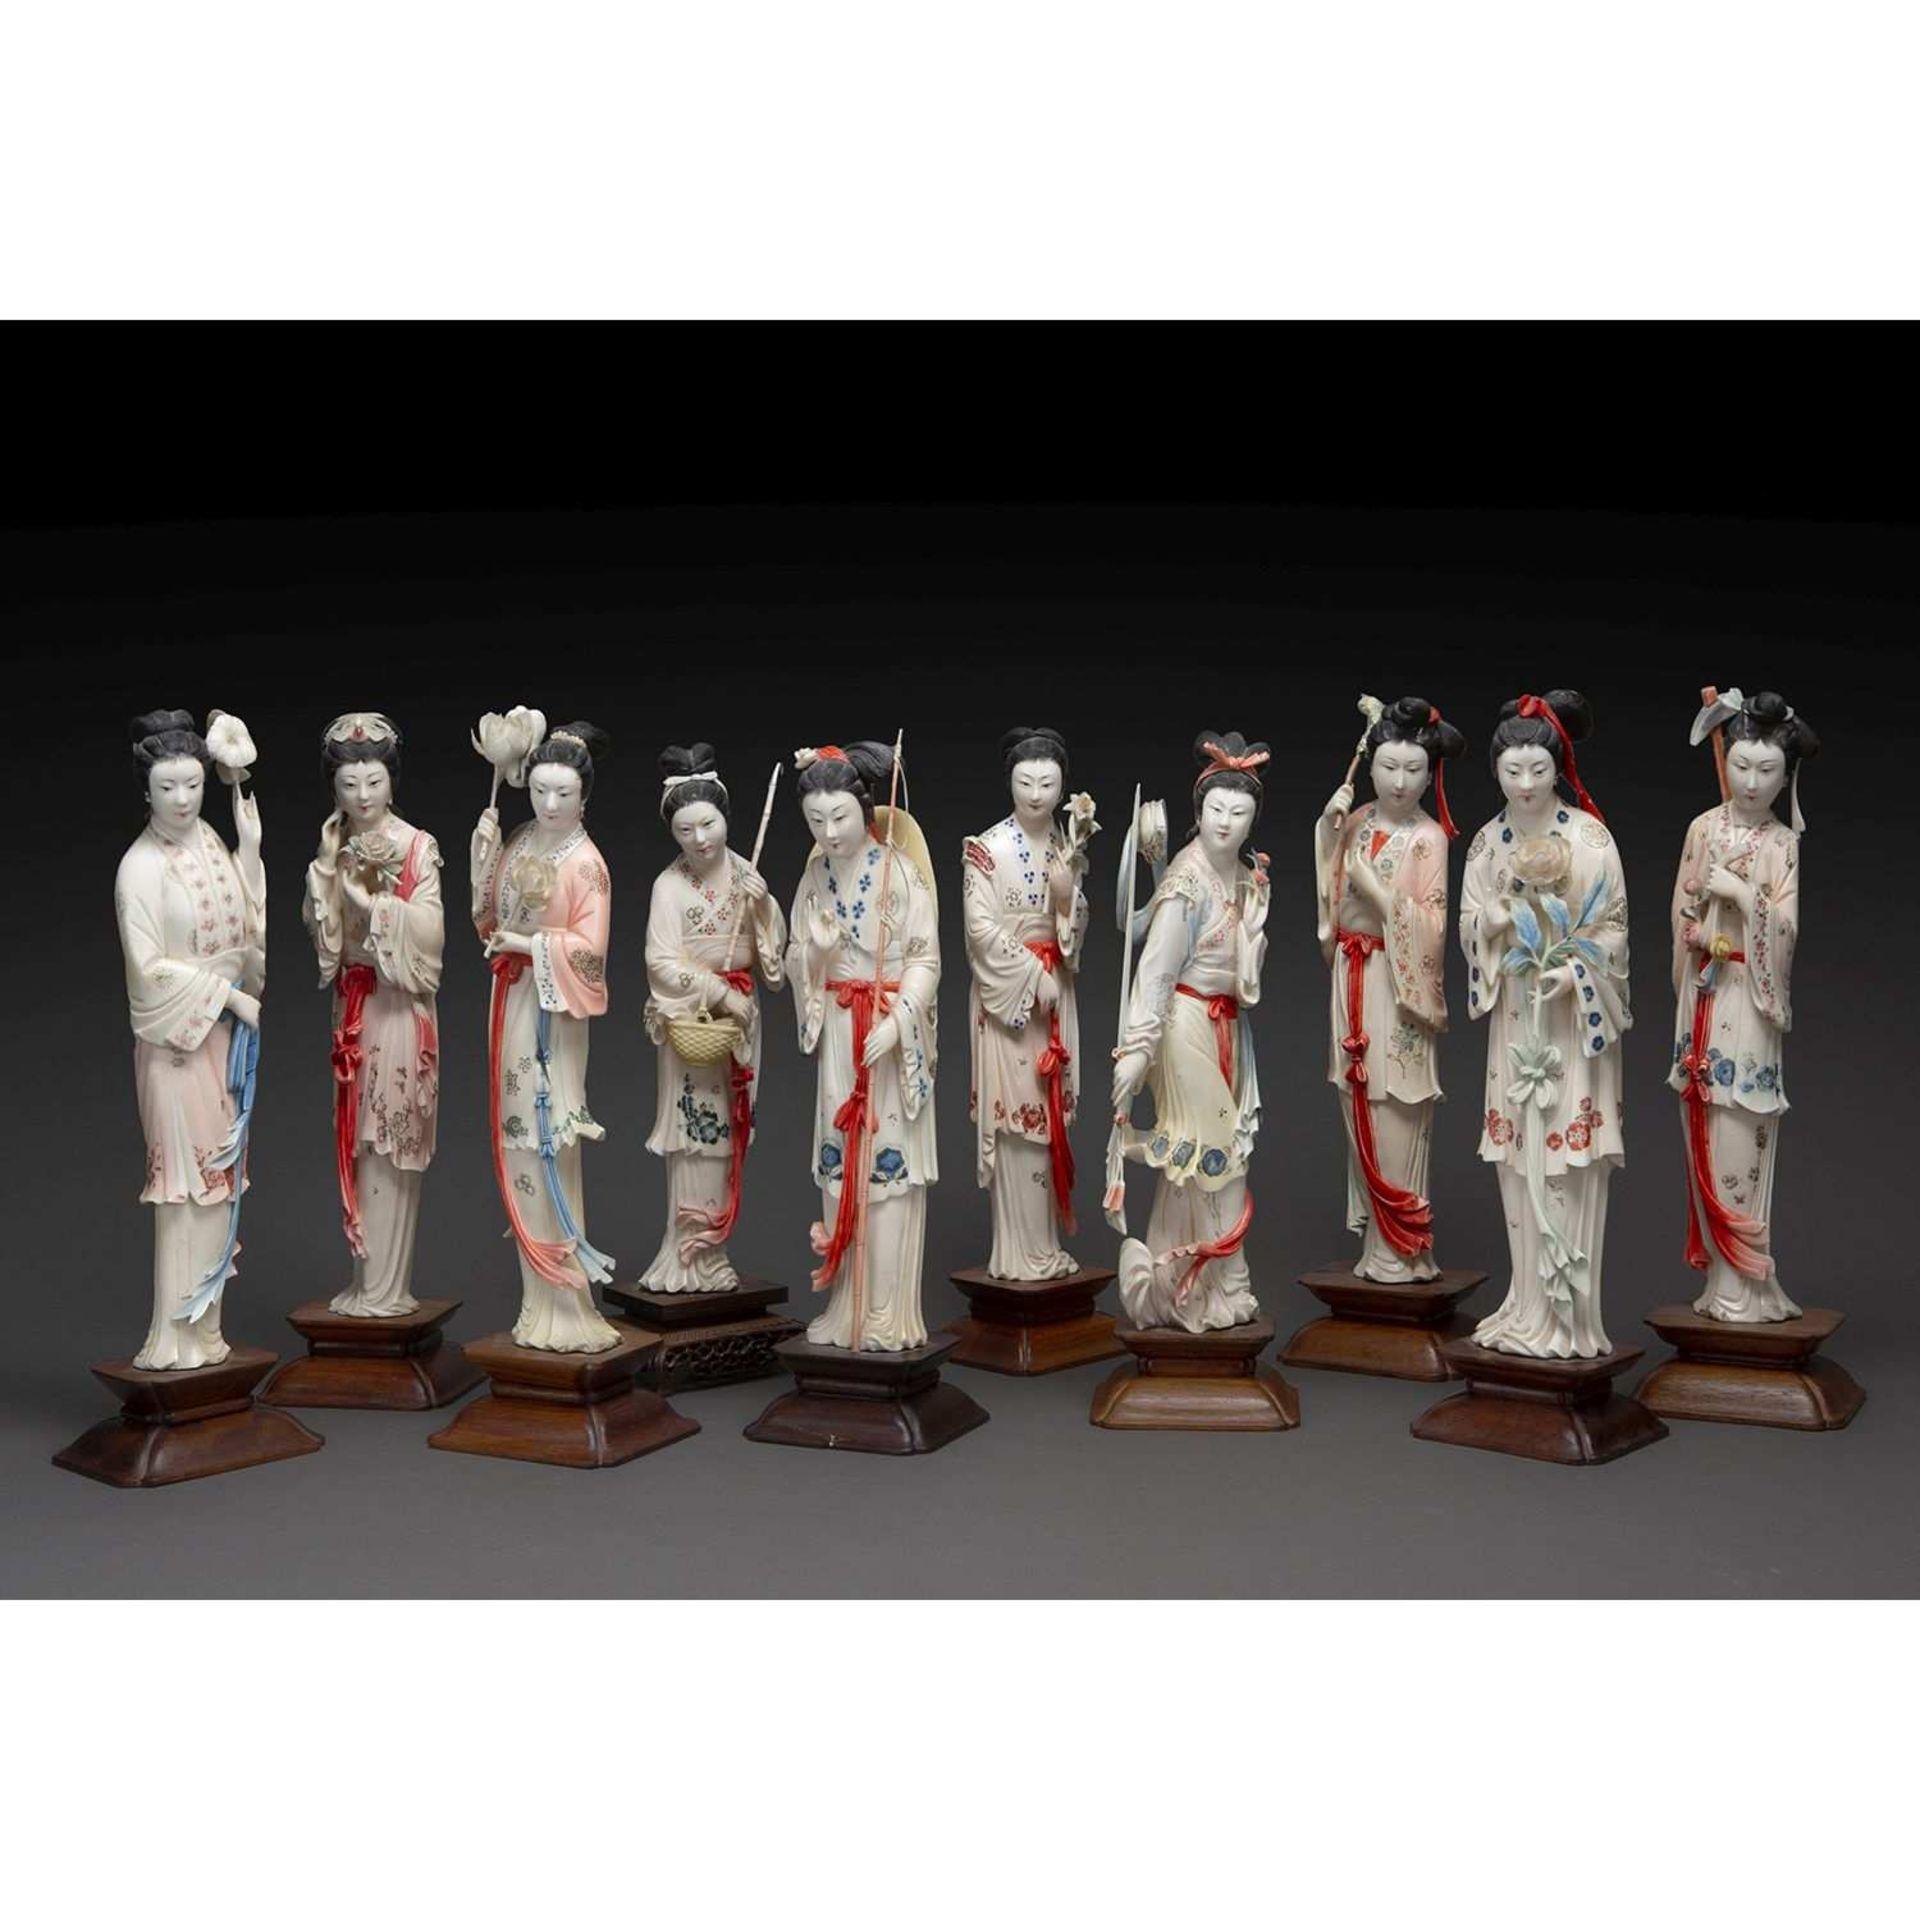 ~ SUITE DE DIX STATUETTES DE BEAUTÉS CHINOISES en ivoire rehaussé de polychromie, représentées